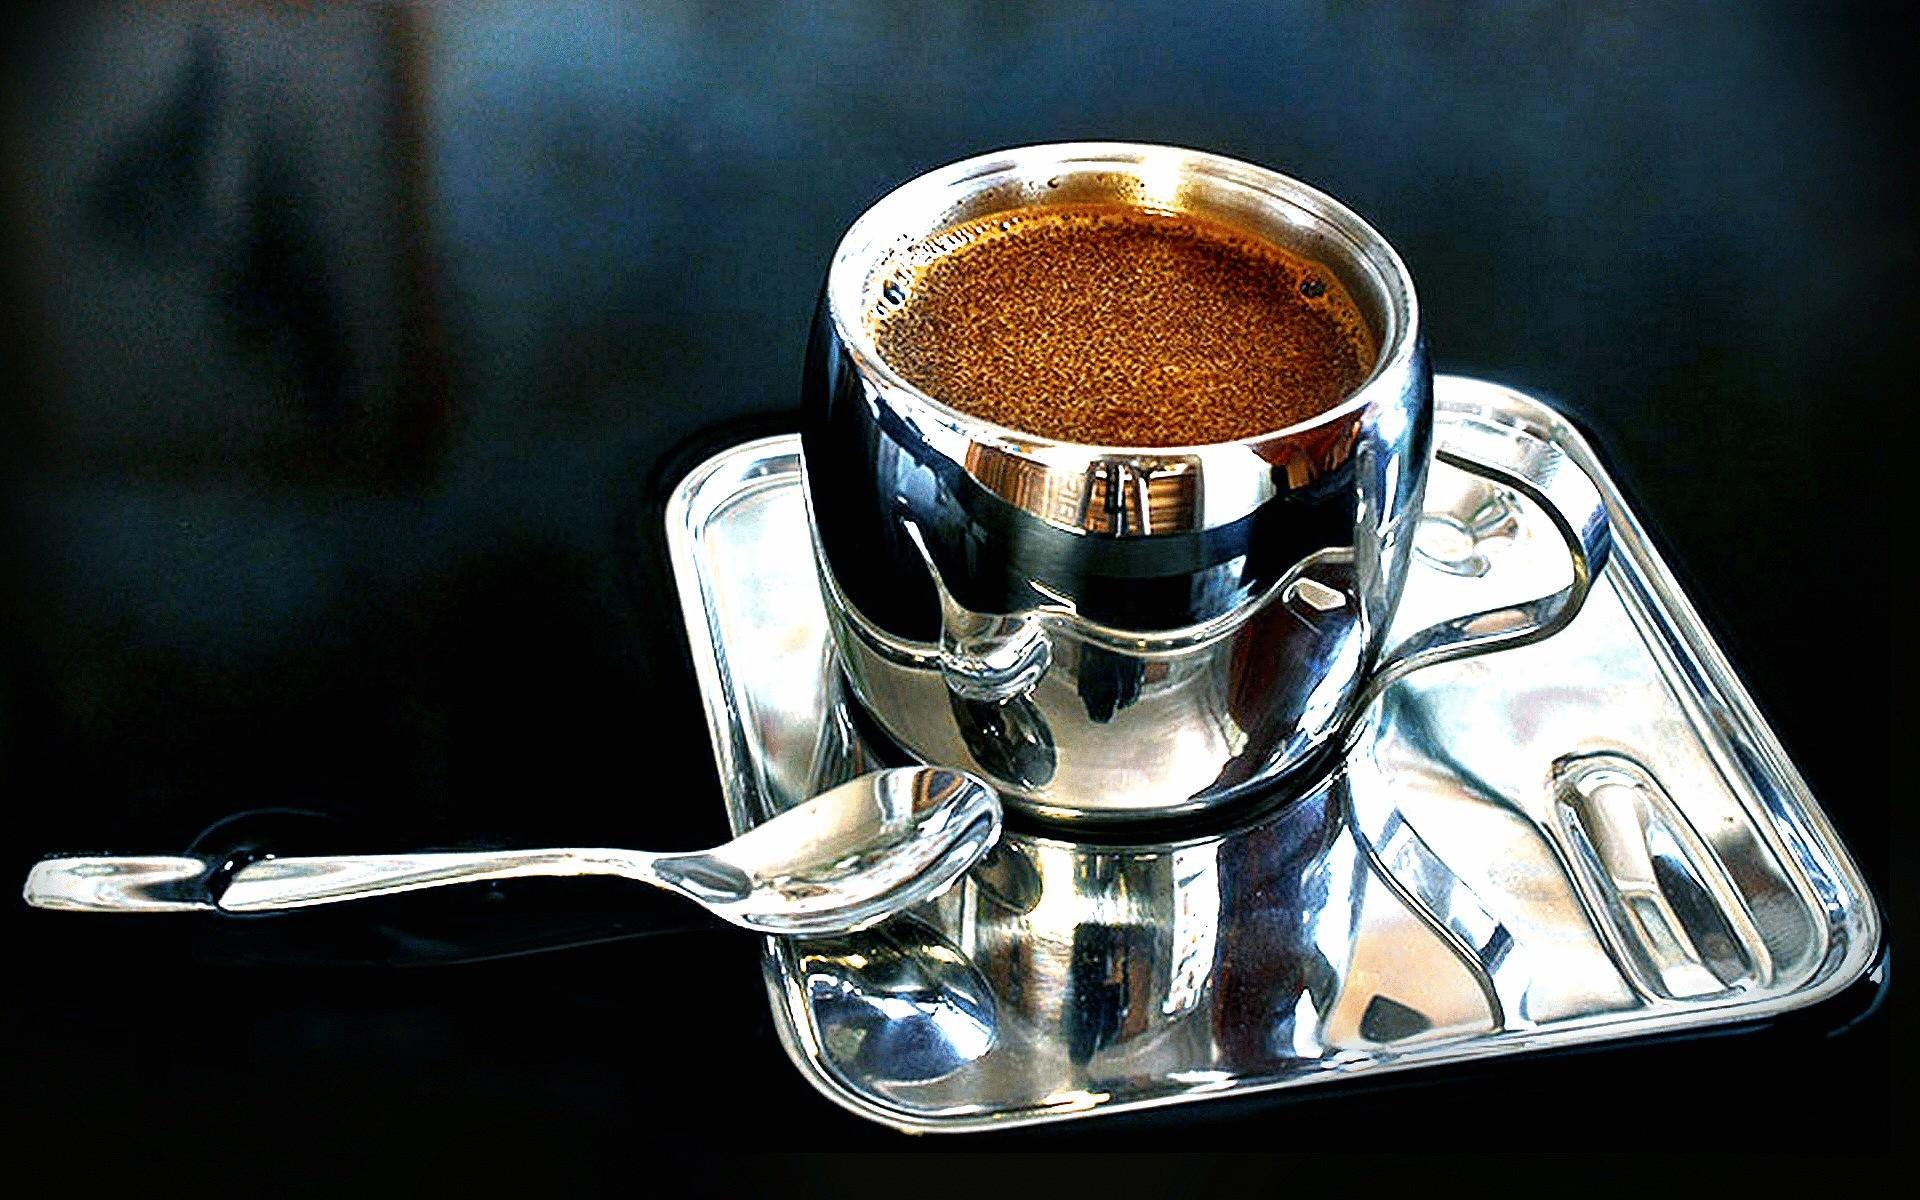 образом, время чашечка кофе фото для тебя наиболее ценные поделки